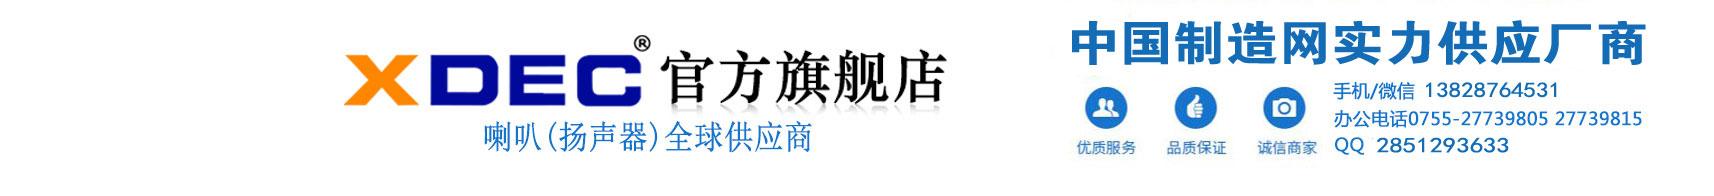 深圳市轩达电子有限公司